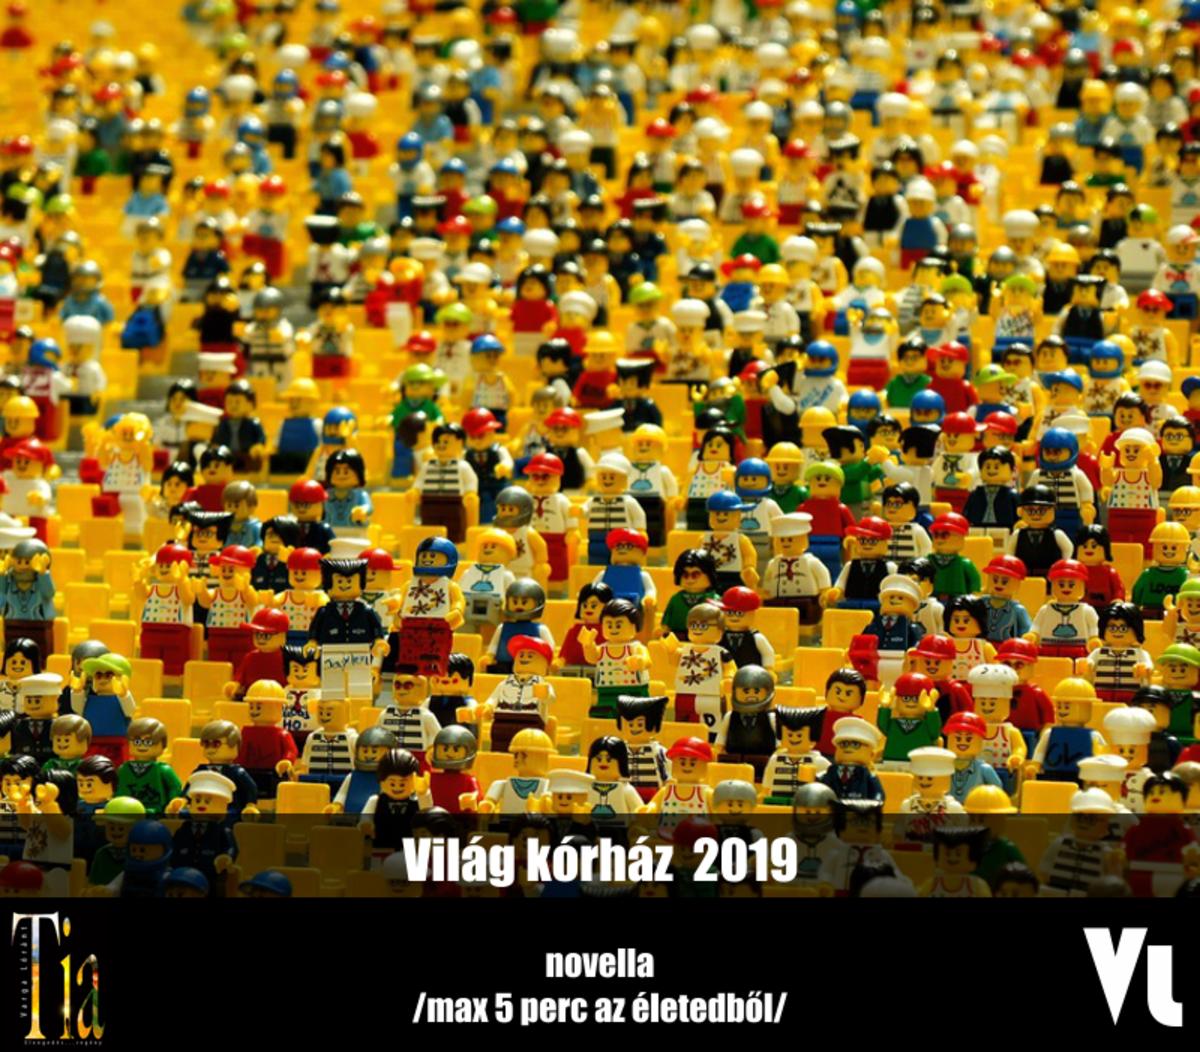 Varga Lóránt - Világ kórház 2019 | ClimeNews - Hírportál